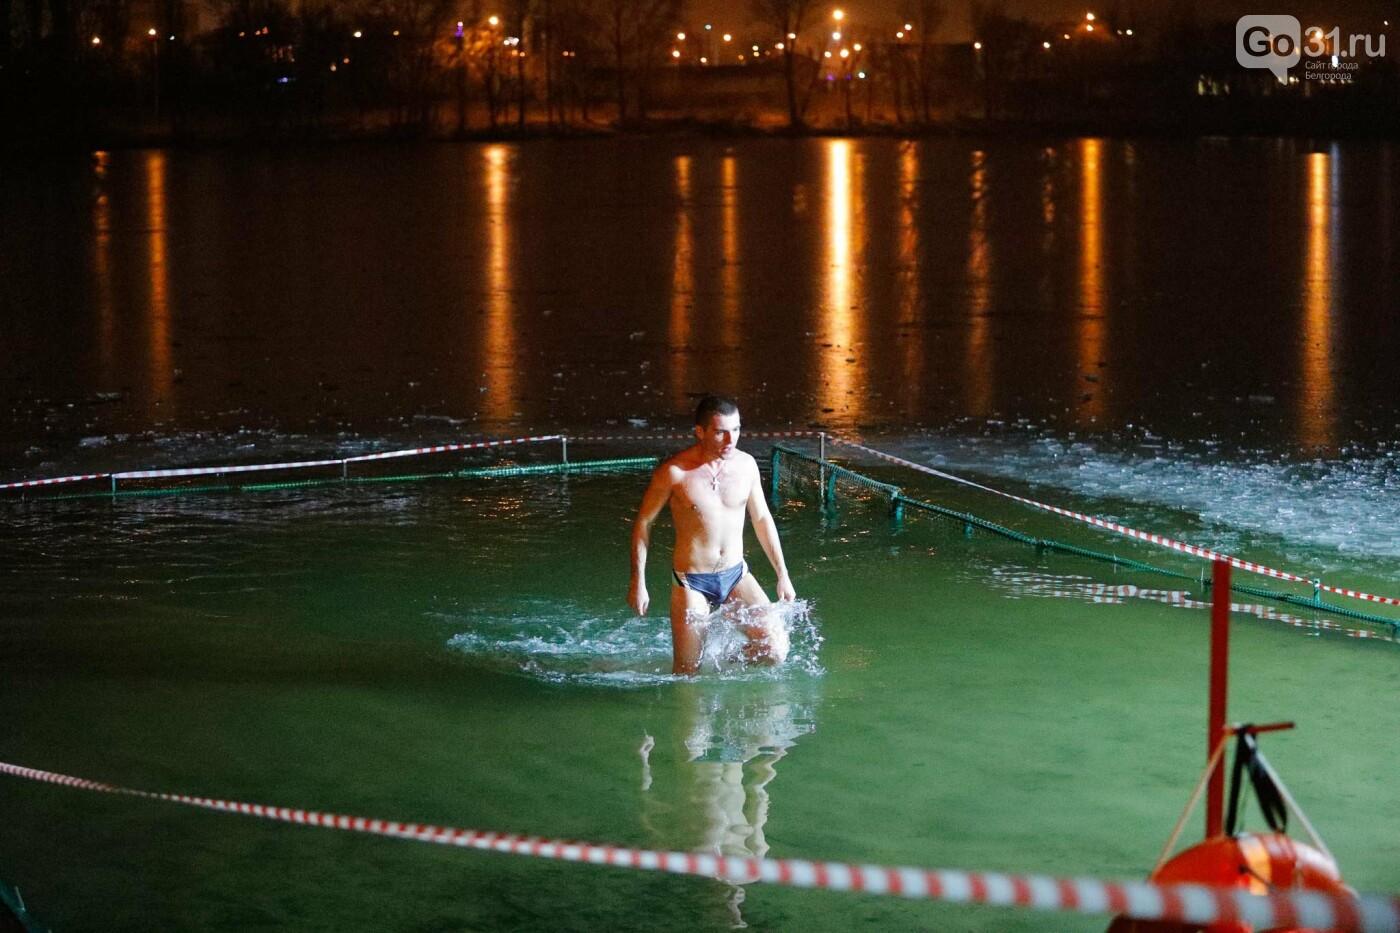 Сотни жителей Белгорода окунулись в крещенские купели, фото-33